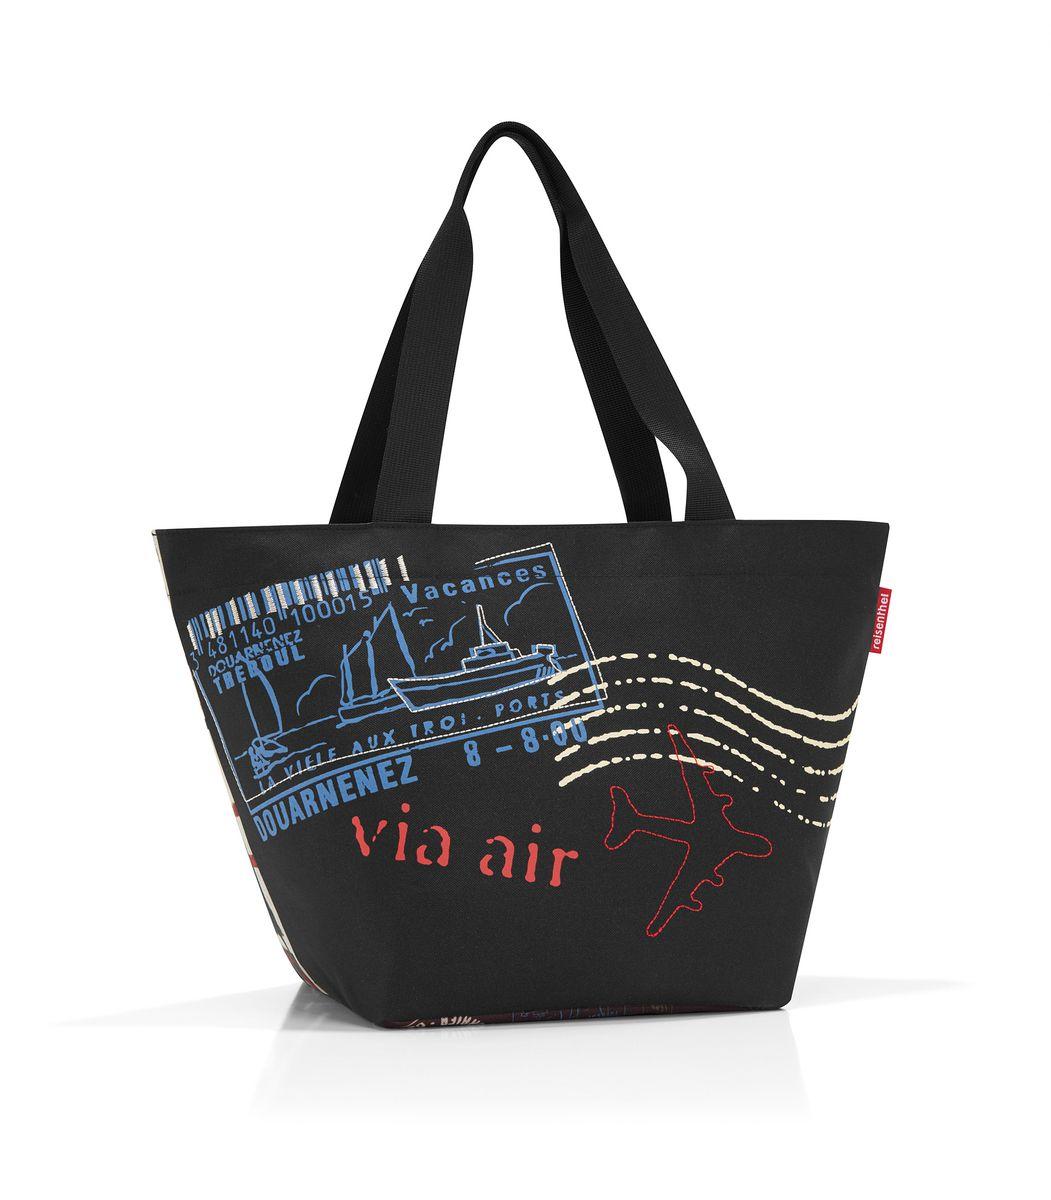 Сумка женская Reisenthel, цвет: черный, мультиколор. ZS7037 сумка женская reisenthel цвет бежевый черный ms7027